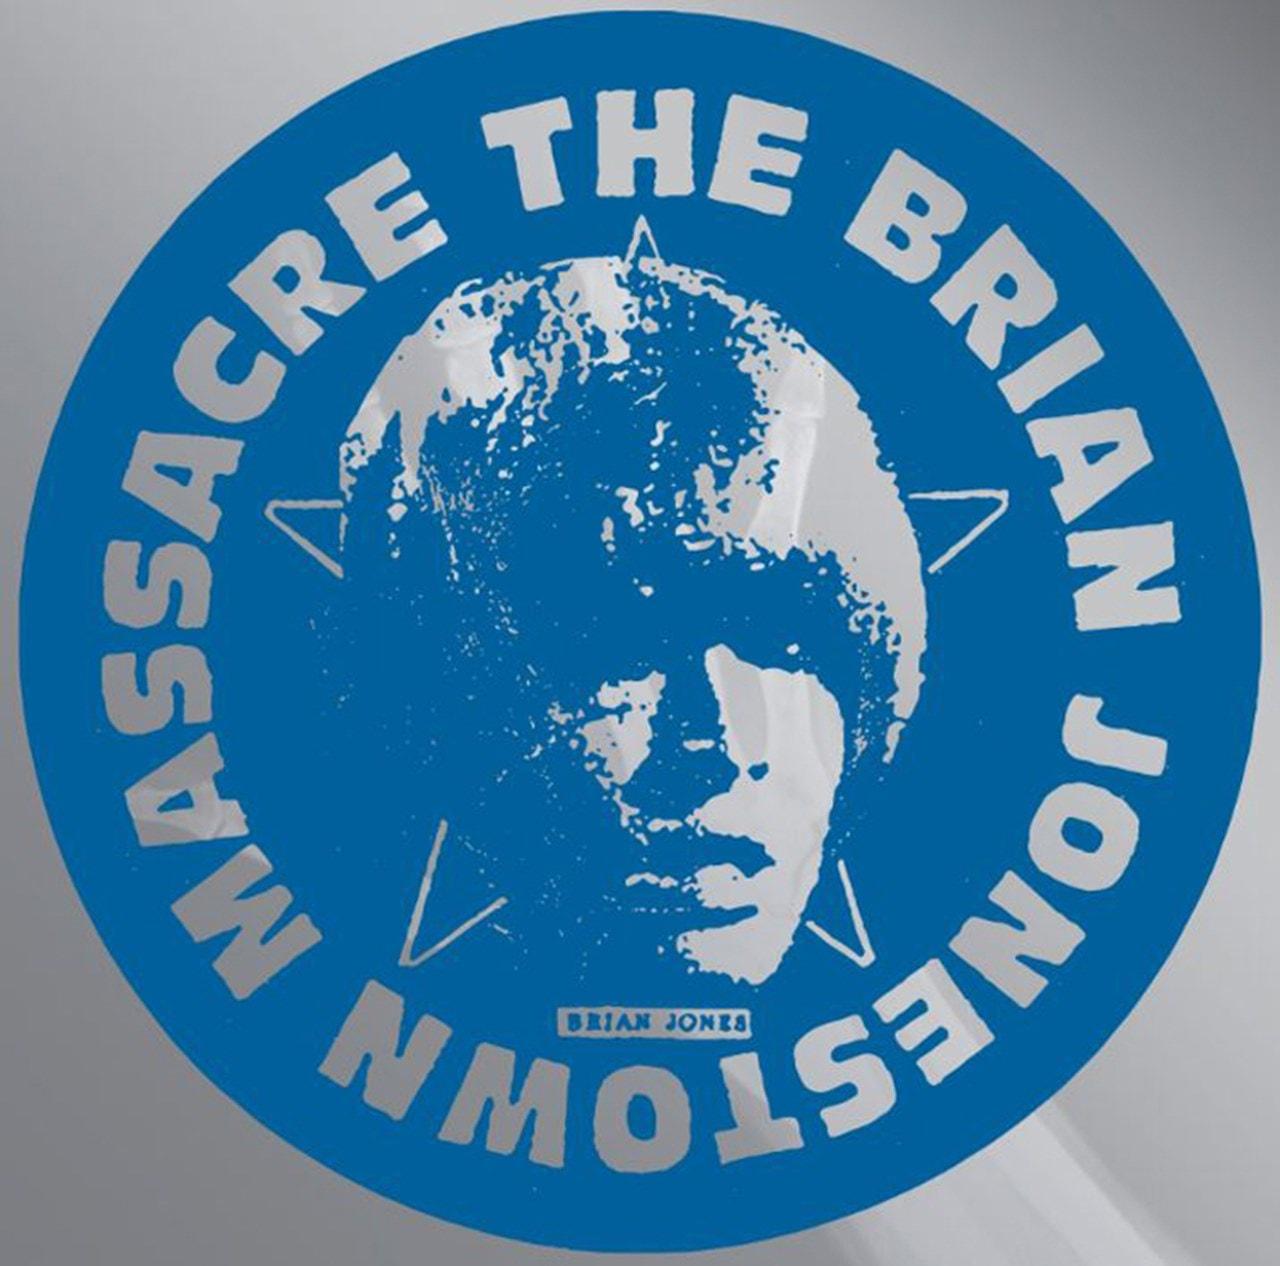 The Brian Jonestown Massacre - 1